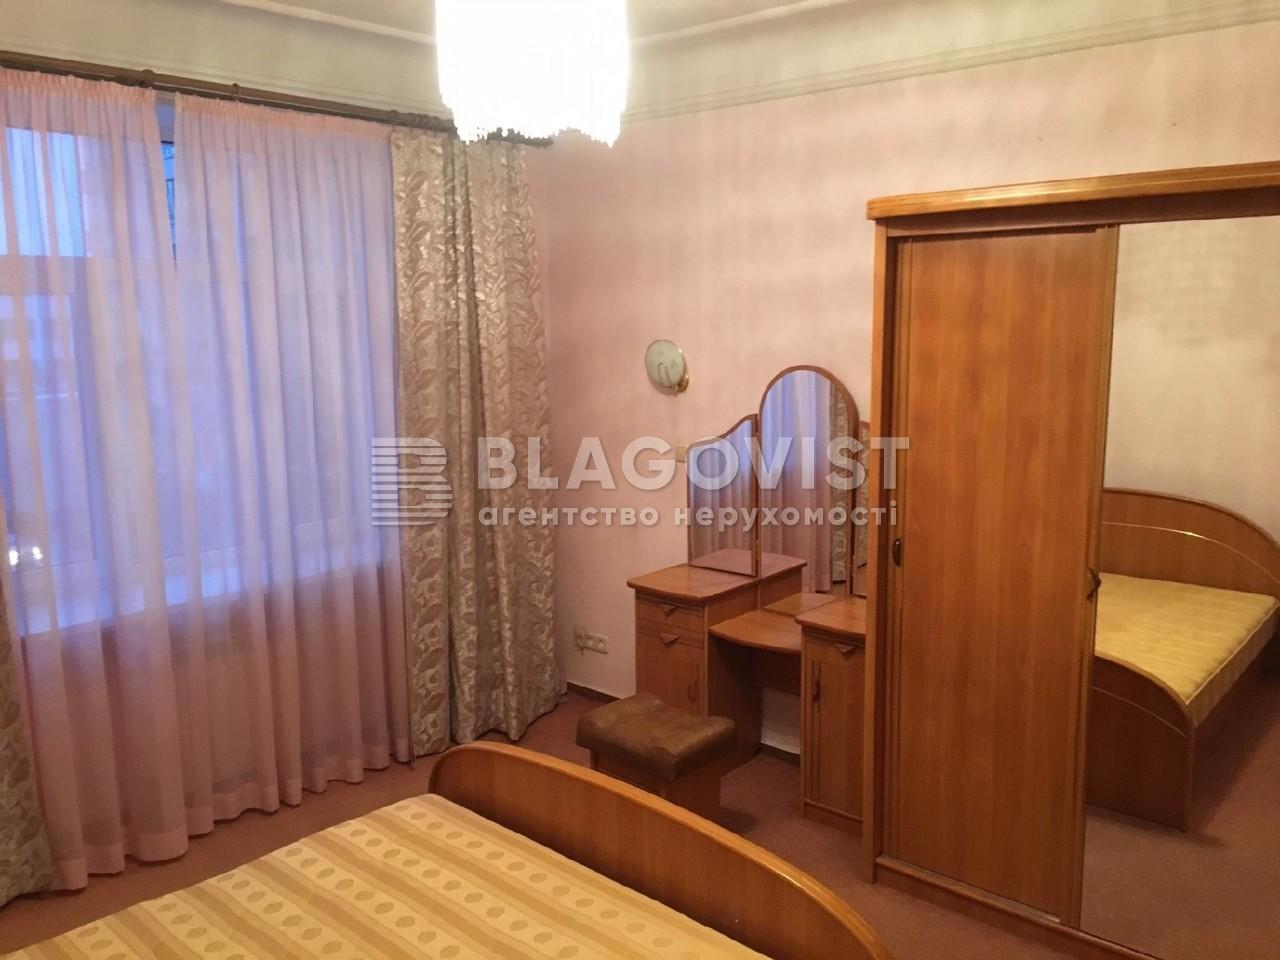 Квартира F-2381, Институтская, 18, Киев - Фото 11